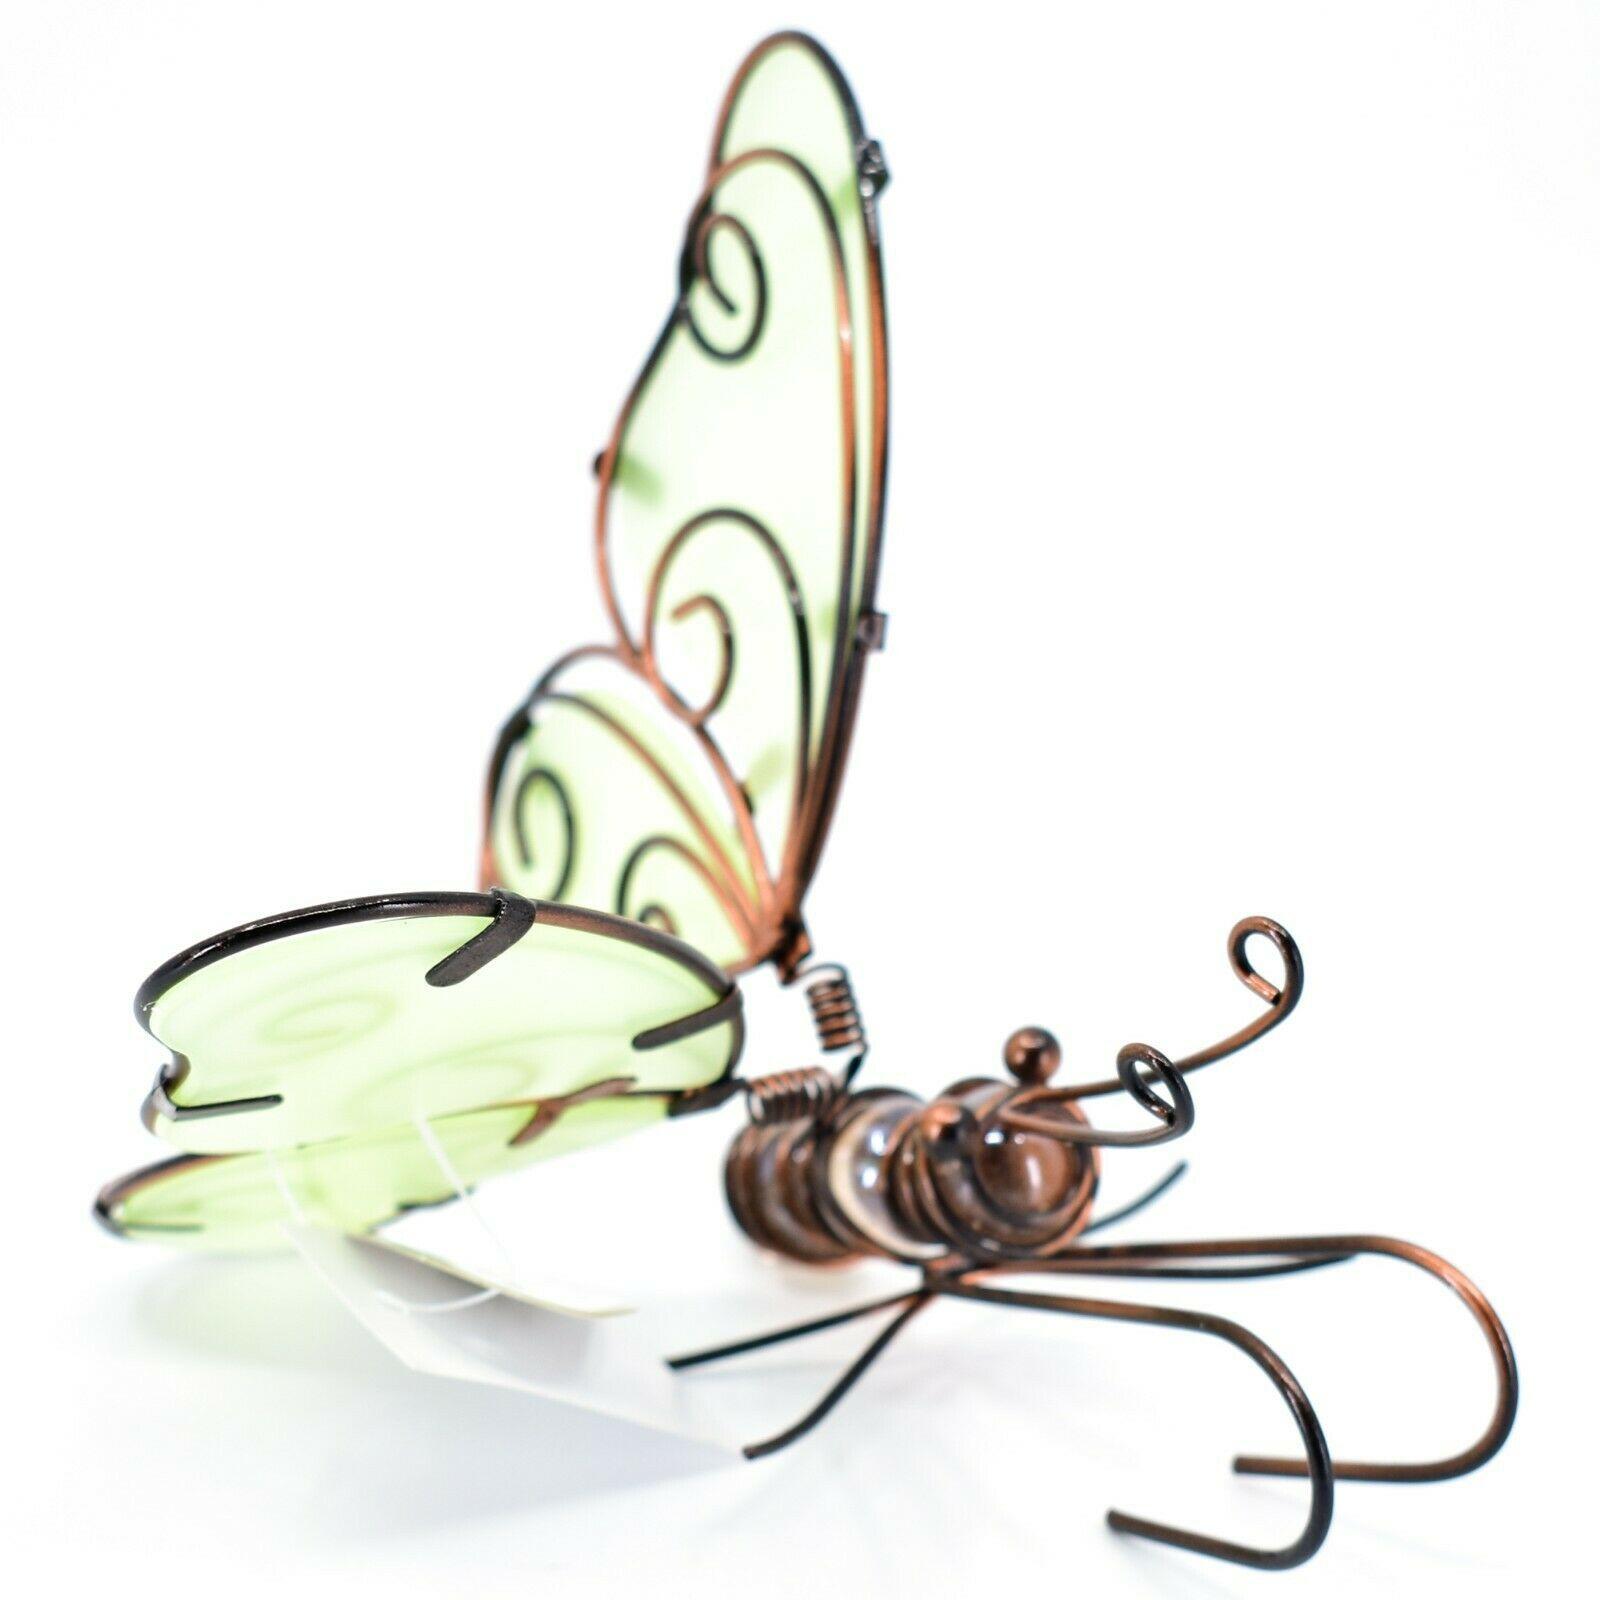 Butterfly w Glow in the Dark Wings Pot Edge Sitter on Hook Garden Decoration